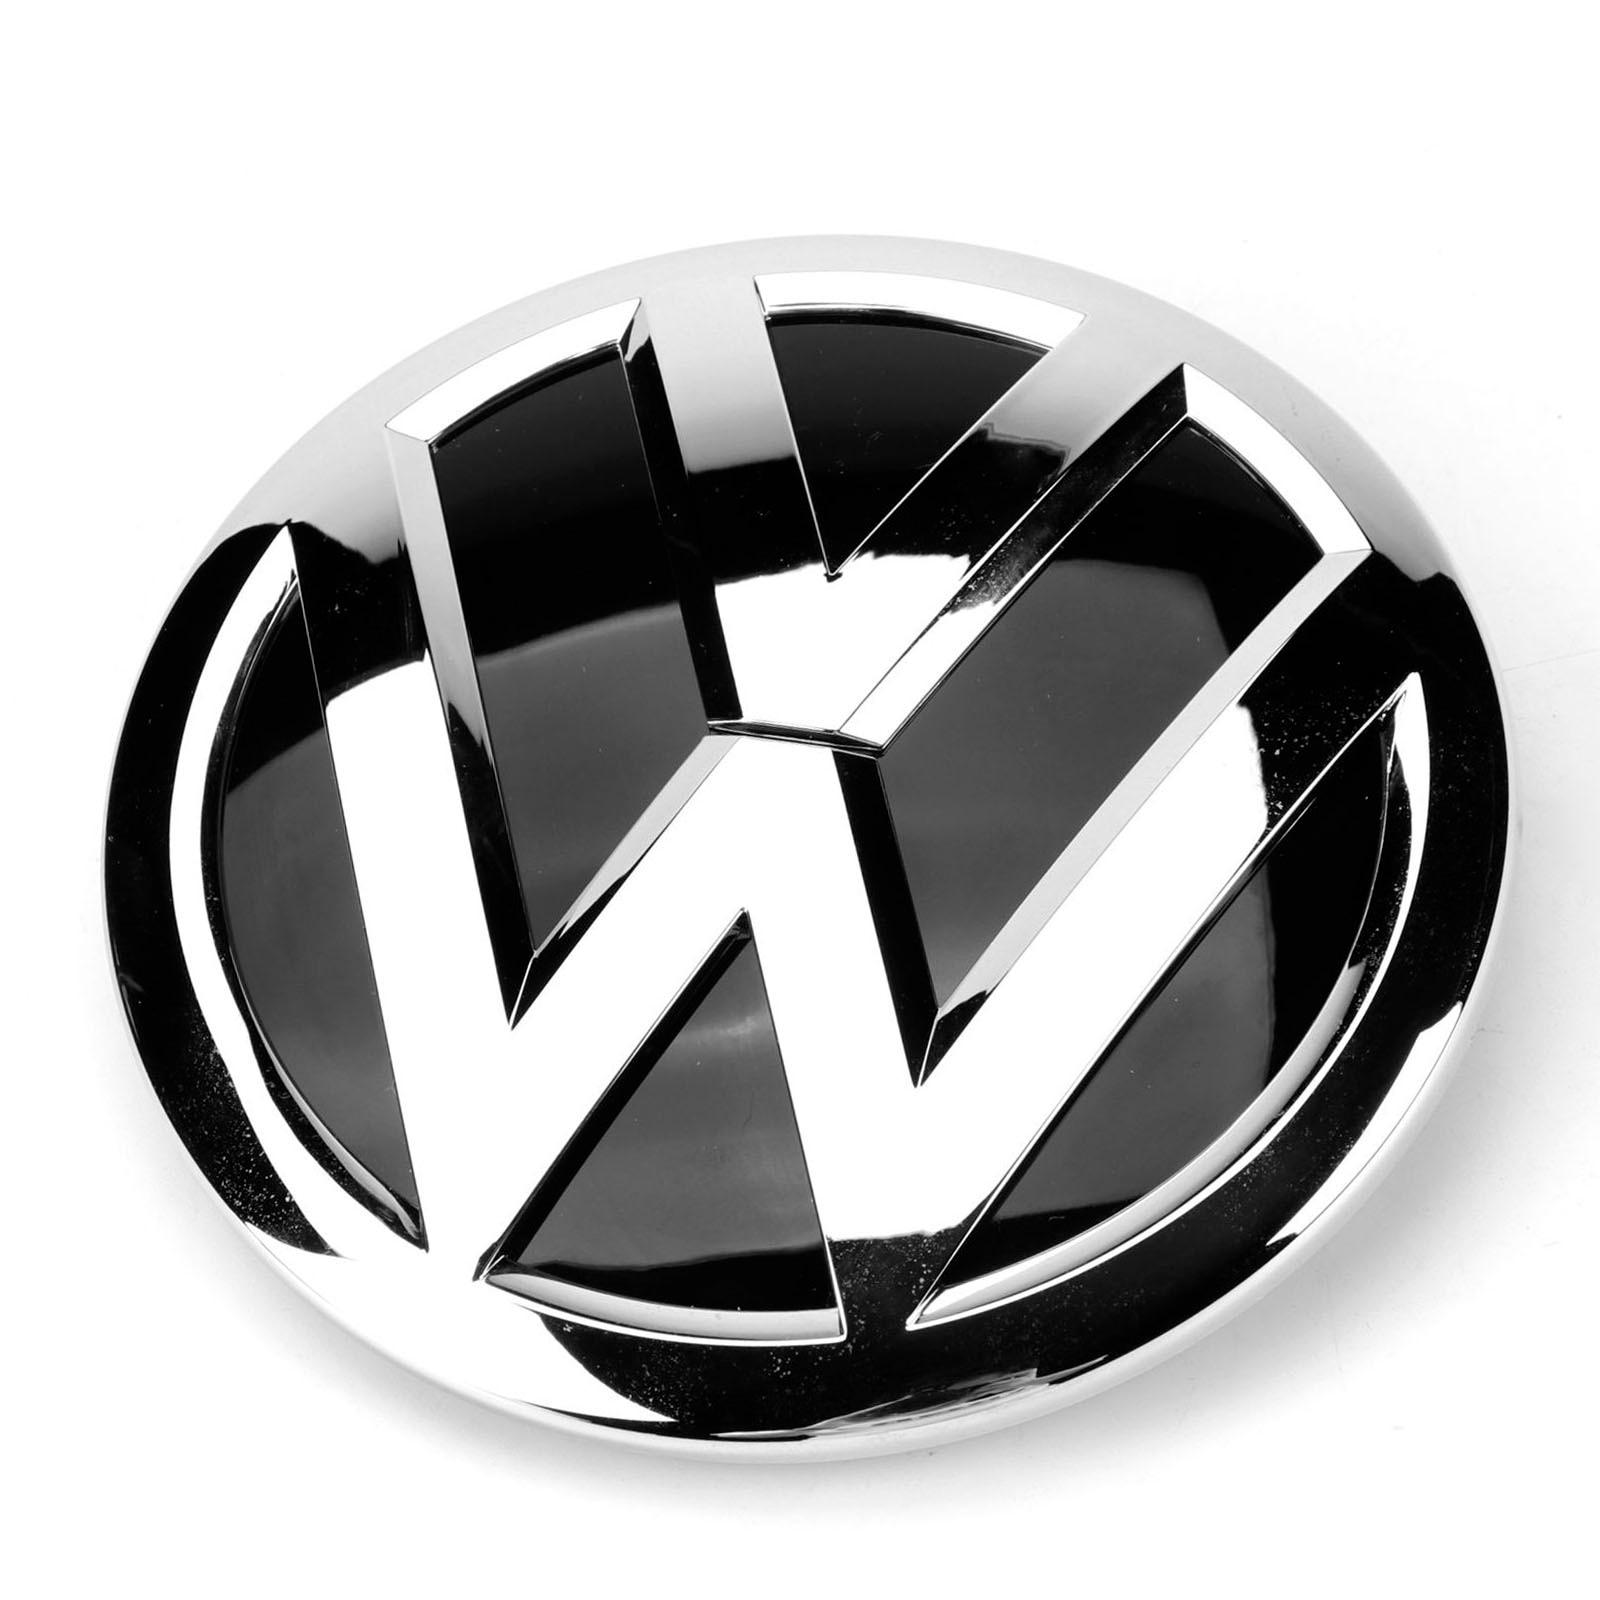 150 мм передний бейдж с эмблемой Grill замена логотипа автомобиля для Фольксваген Tiguan 2K5 853 600 2K5853600